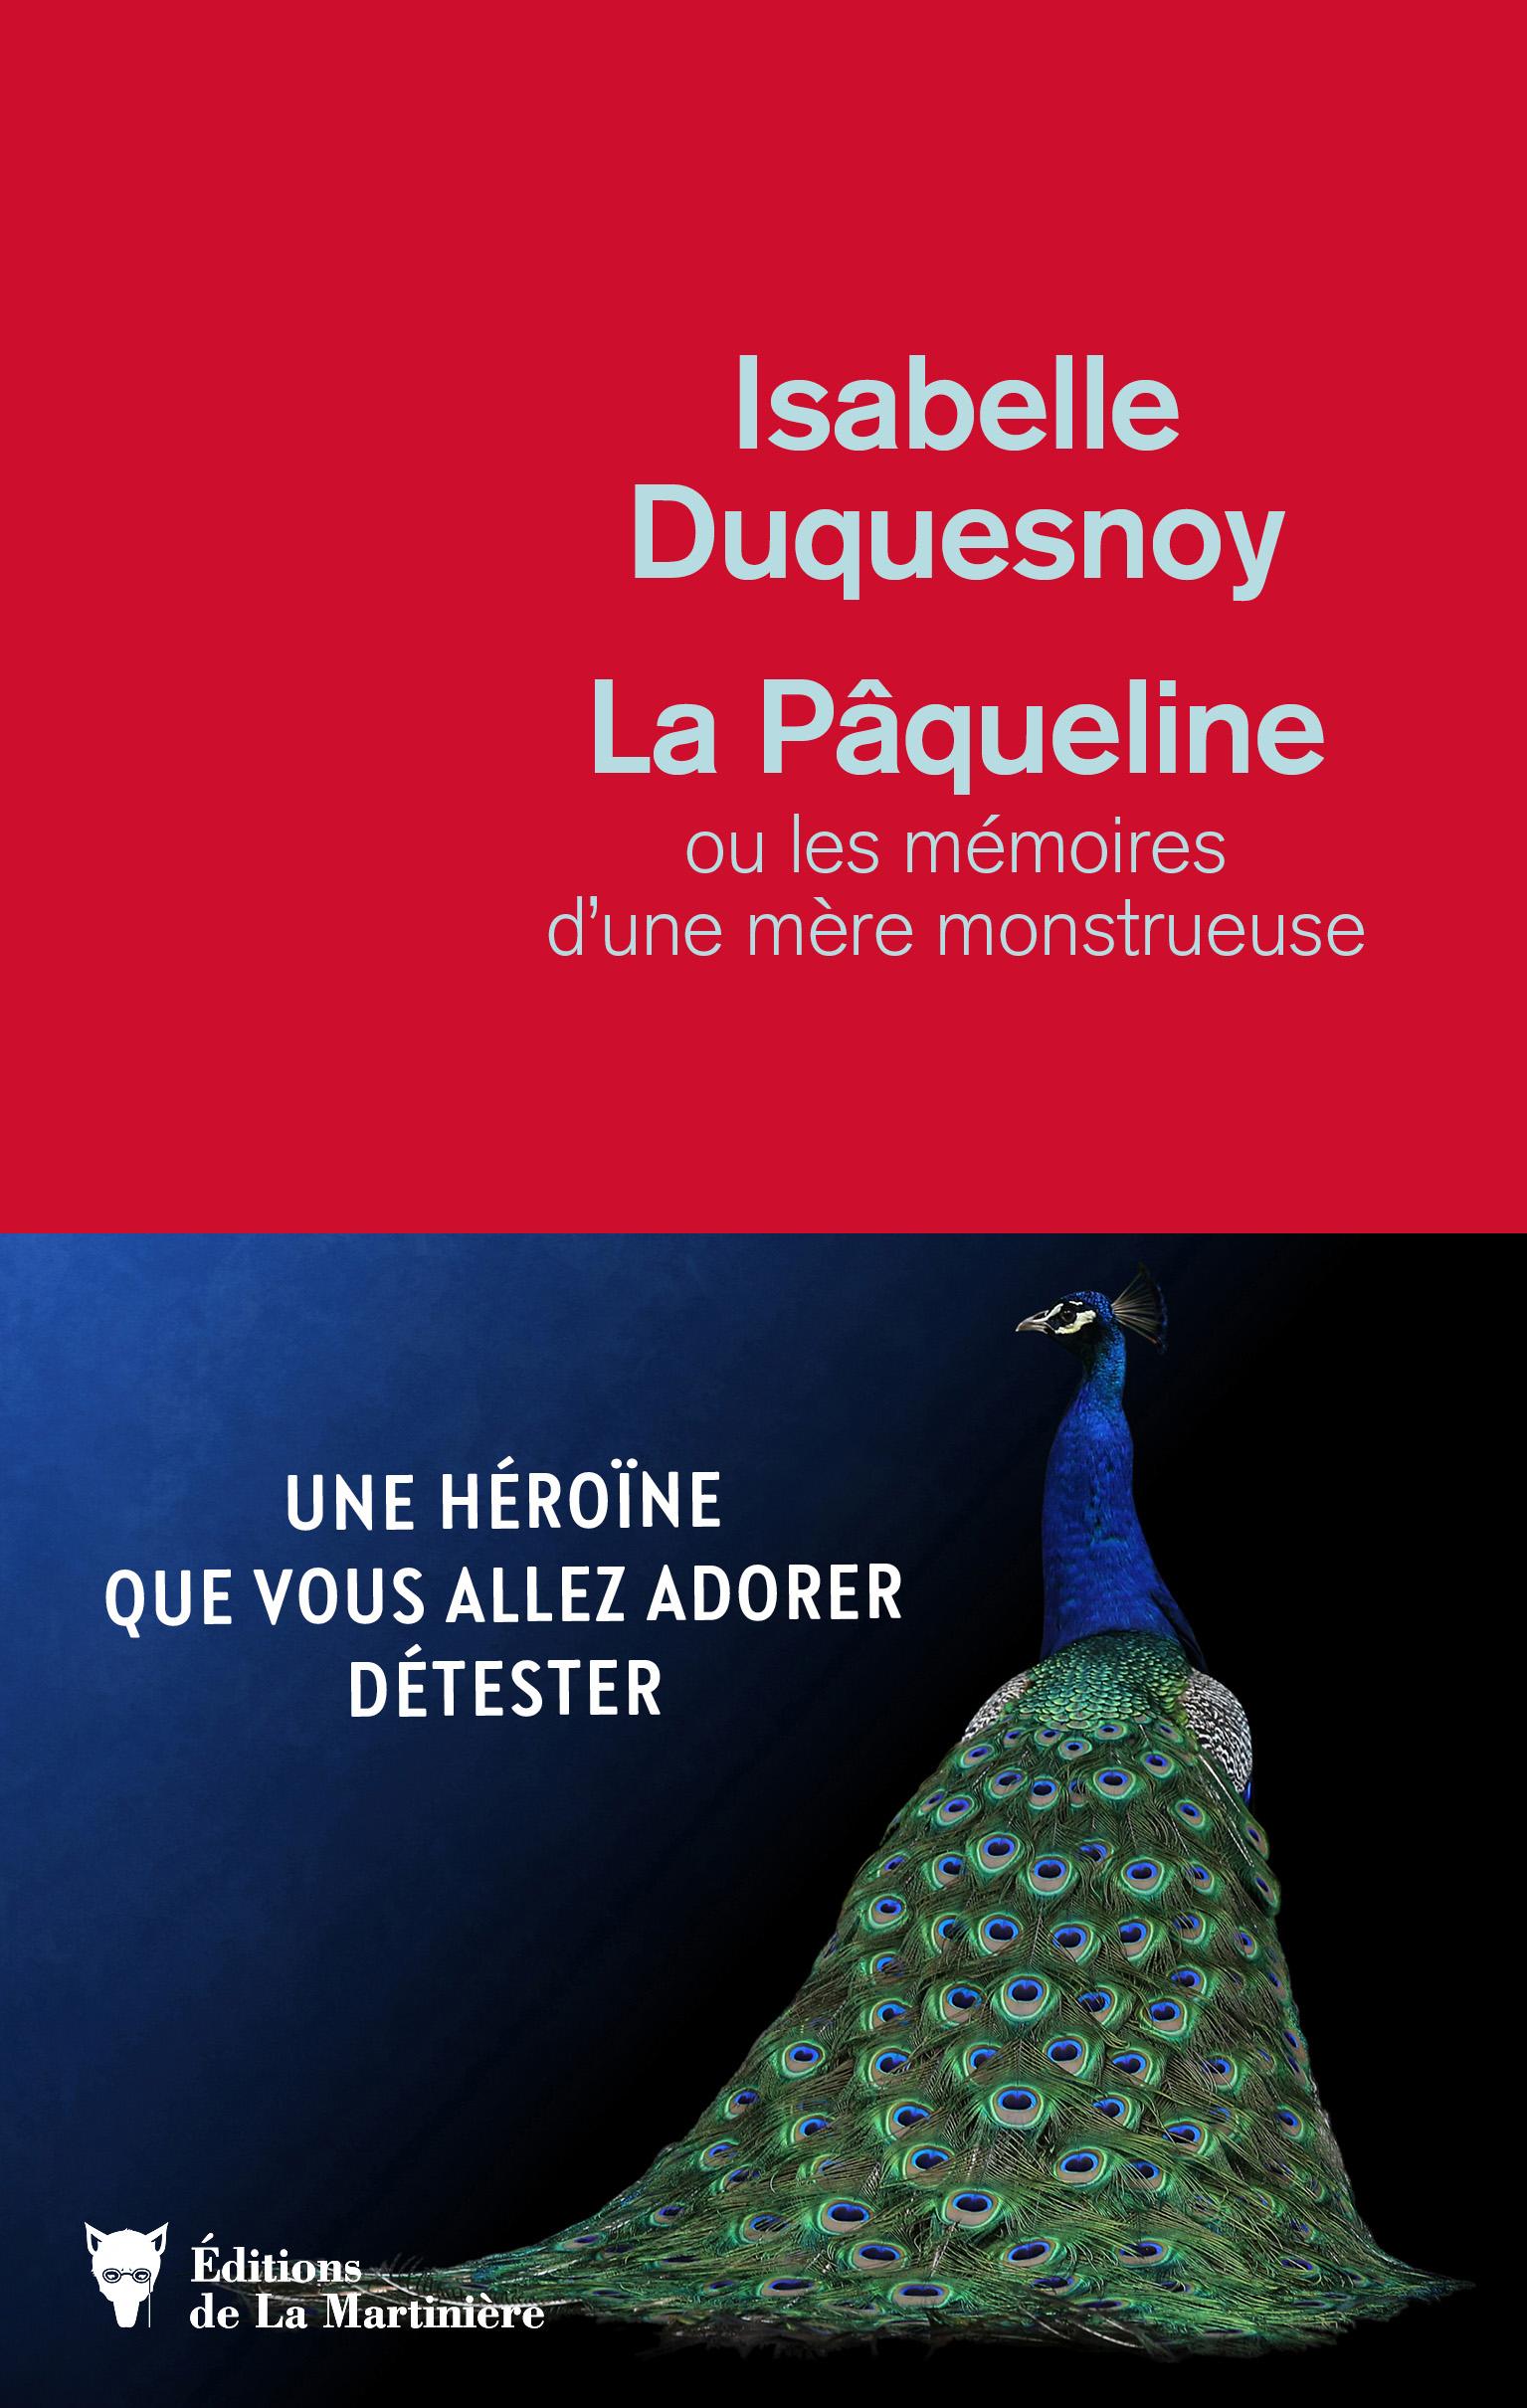 LA PAQUELINE OU LES MEMOIRES D'UNE MERE MONSTRUEUSE